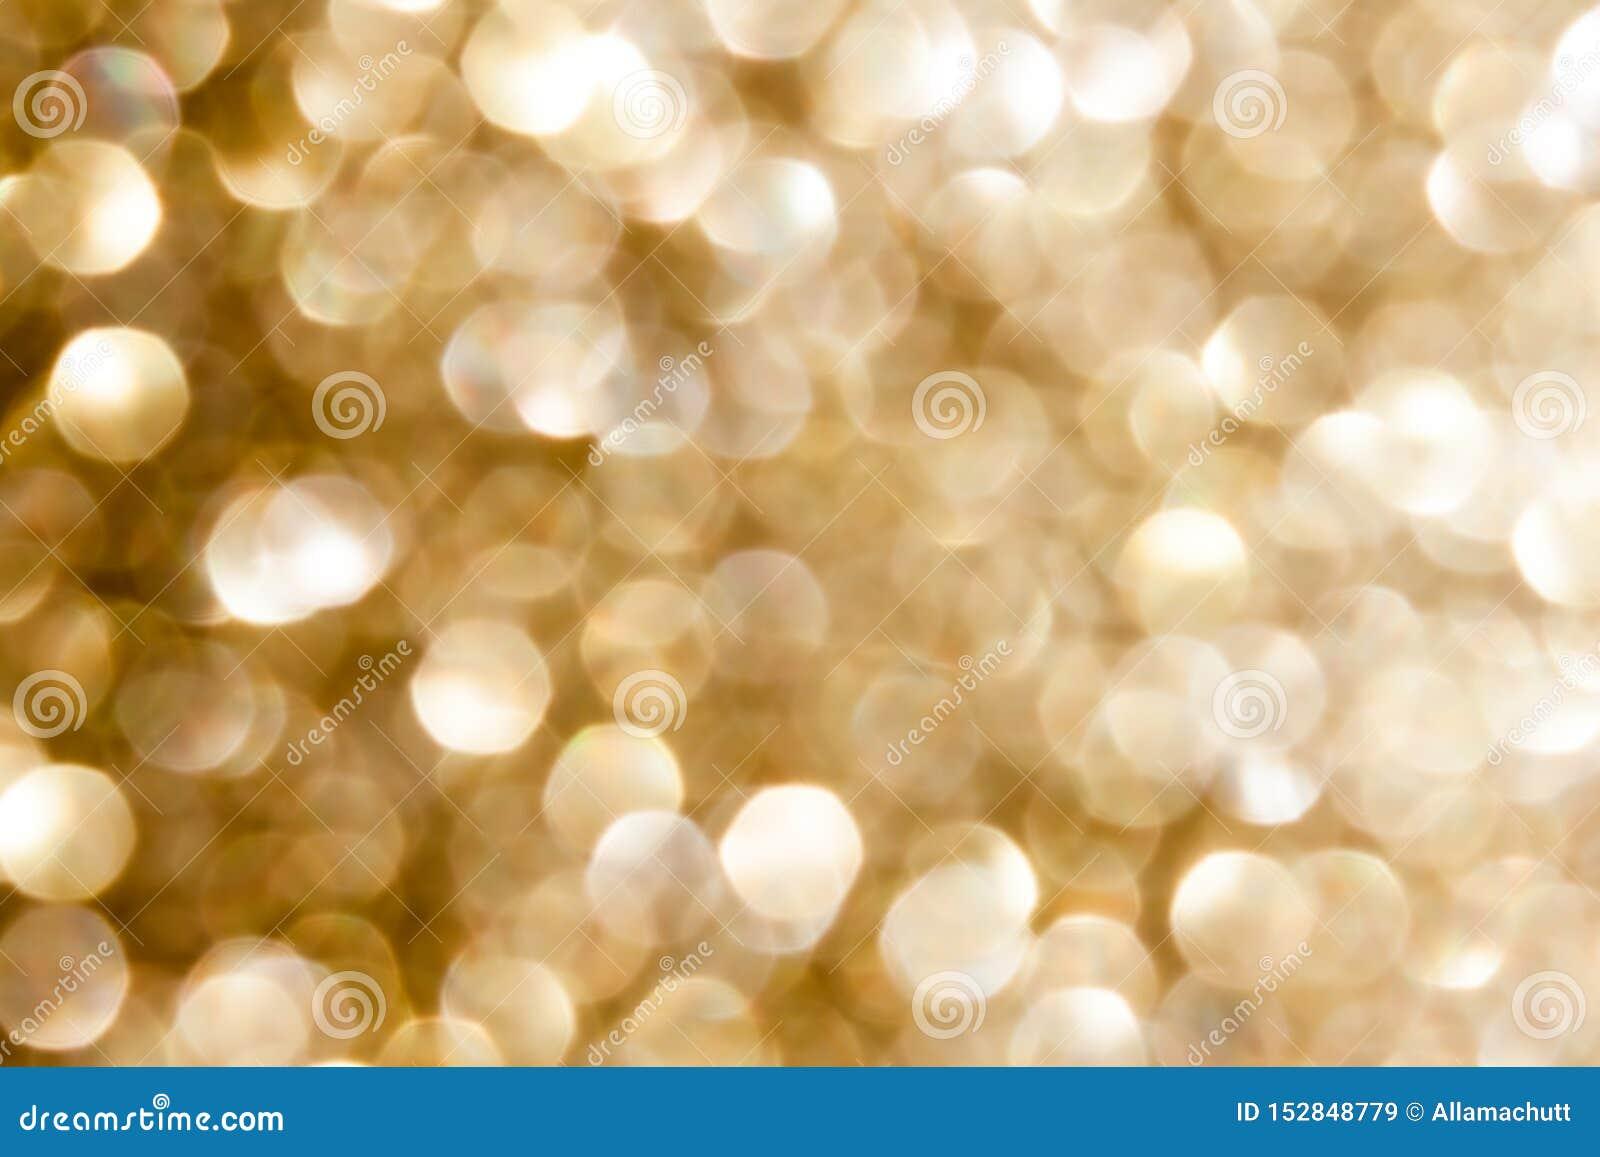 Fundo dourado brilhante abstrato